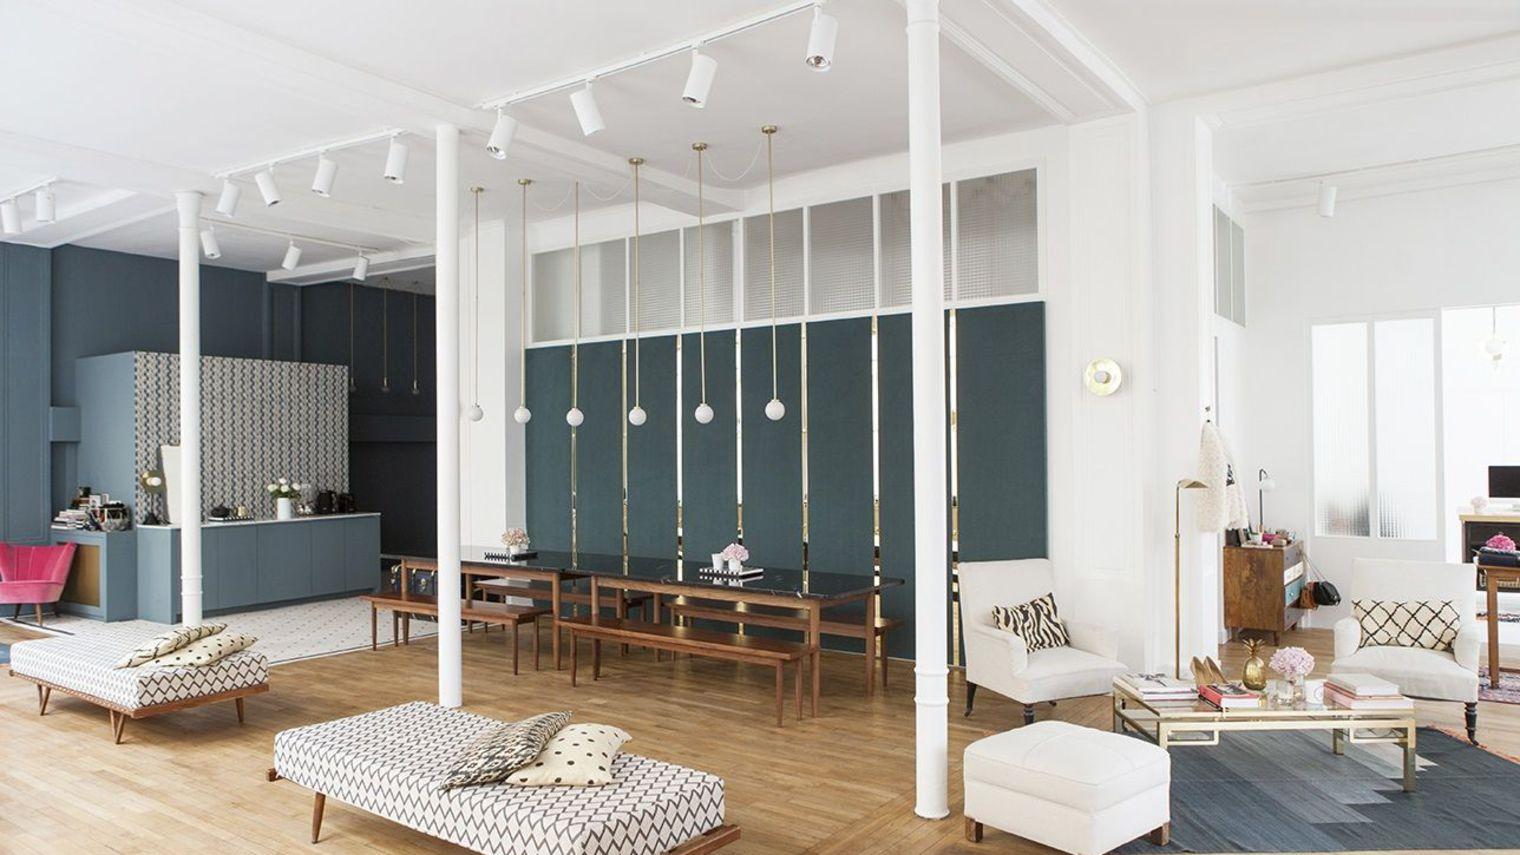 Location appartement nancy : Comment trouver une habitation adéquate ?